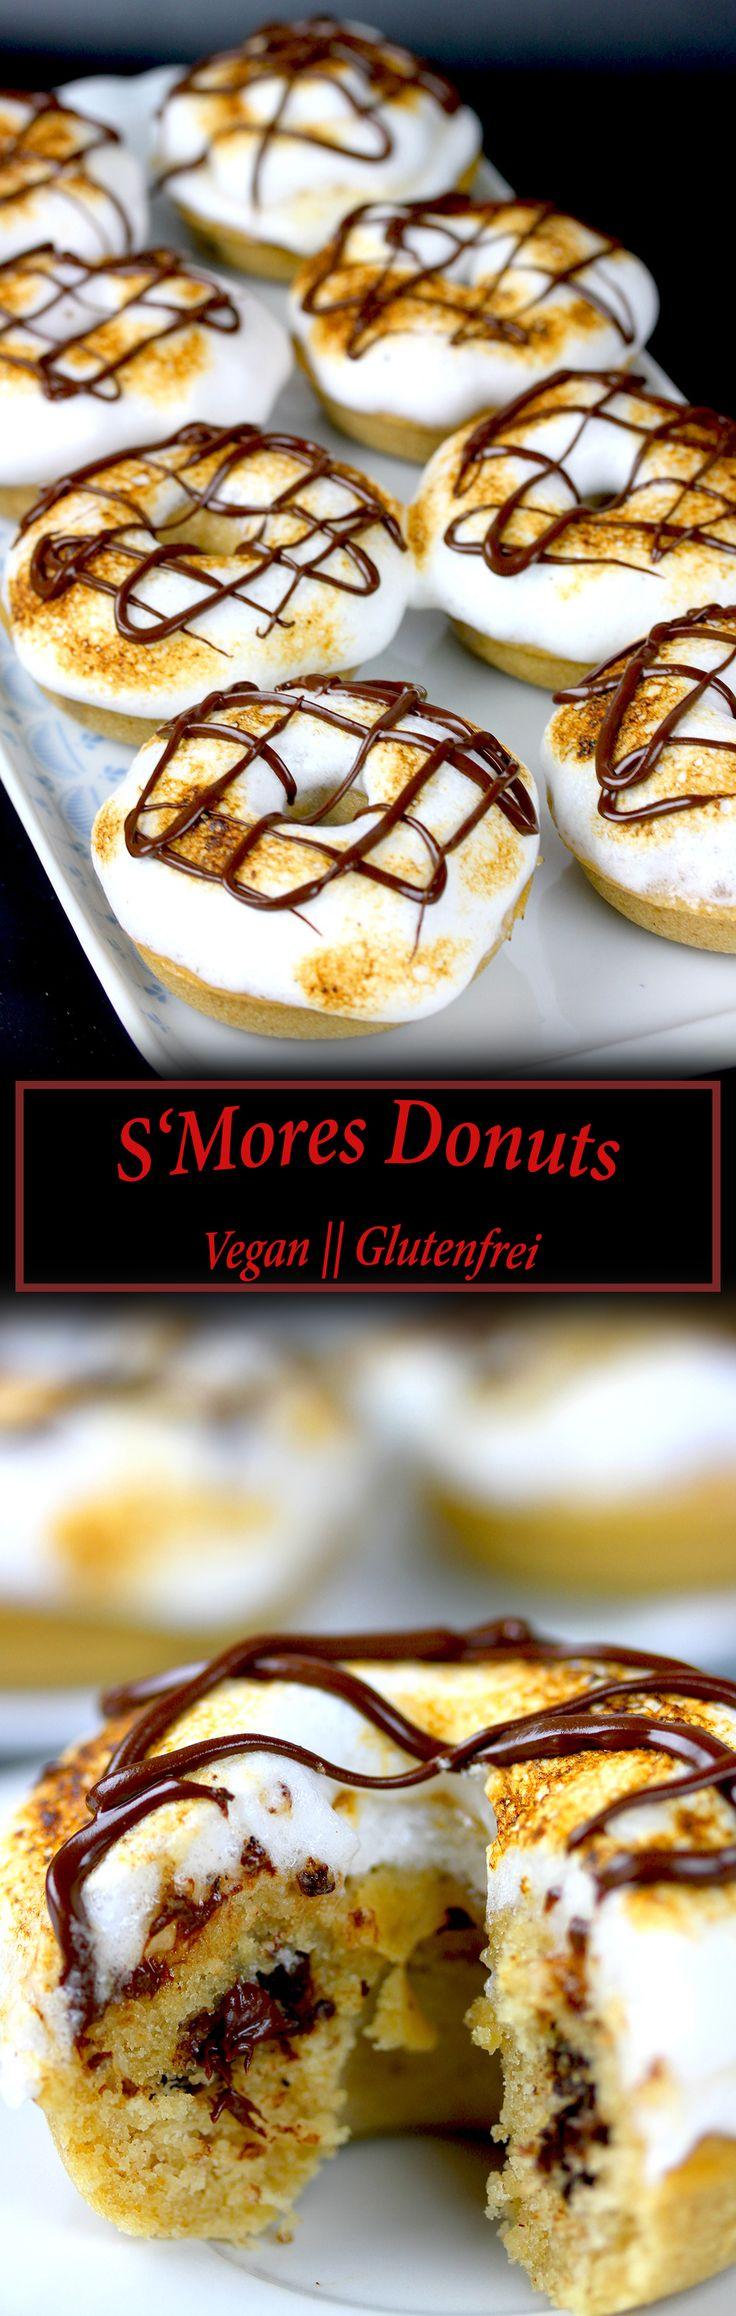 S'Mores Donuts - Vegan und Glutenfrei